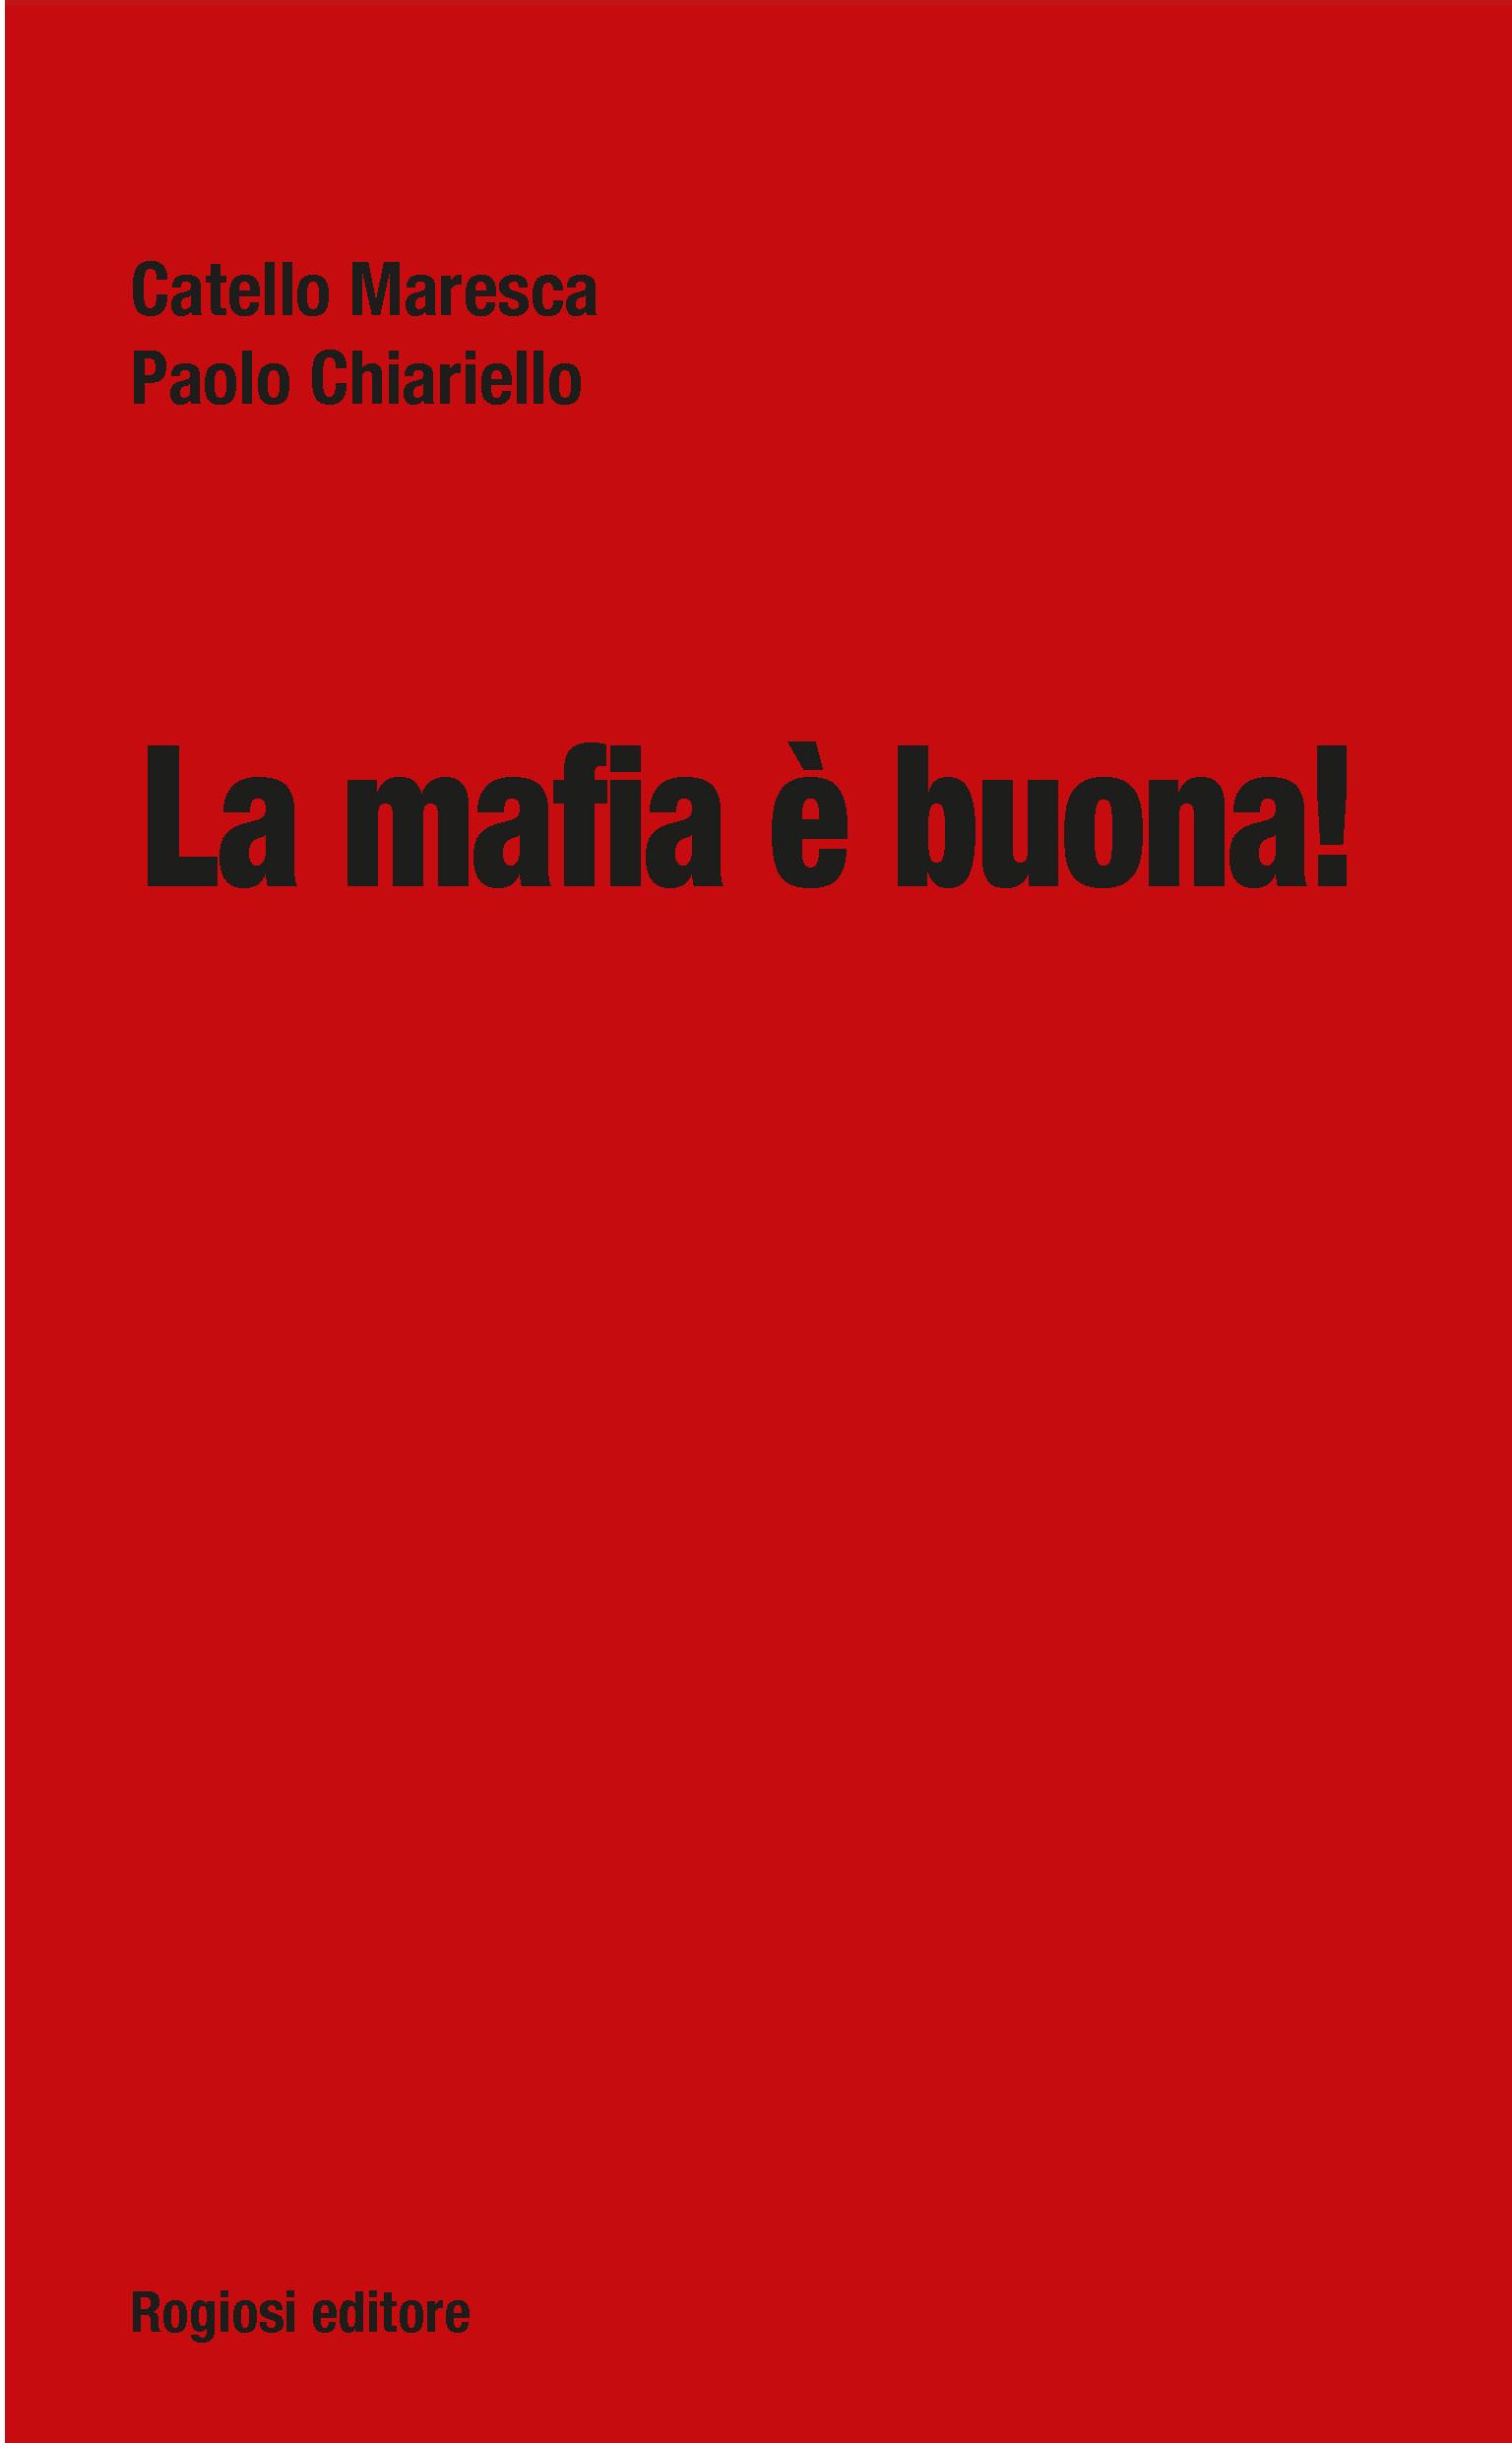 La mafia è buona